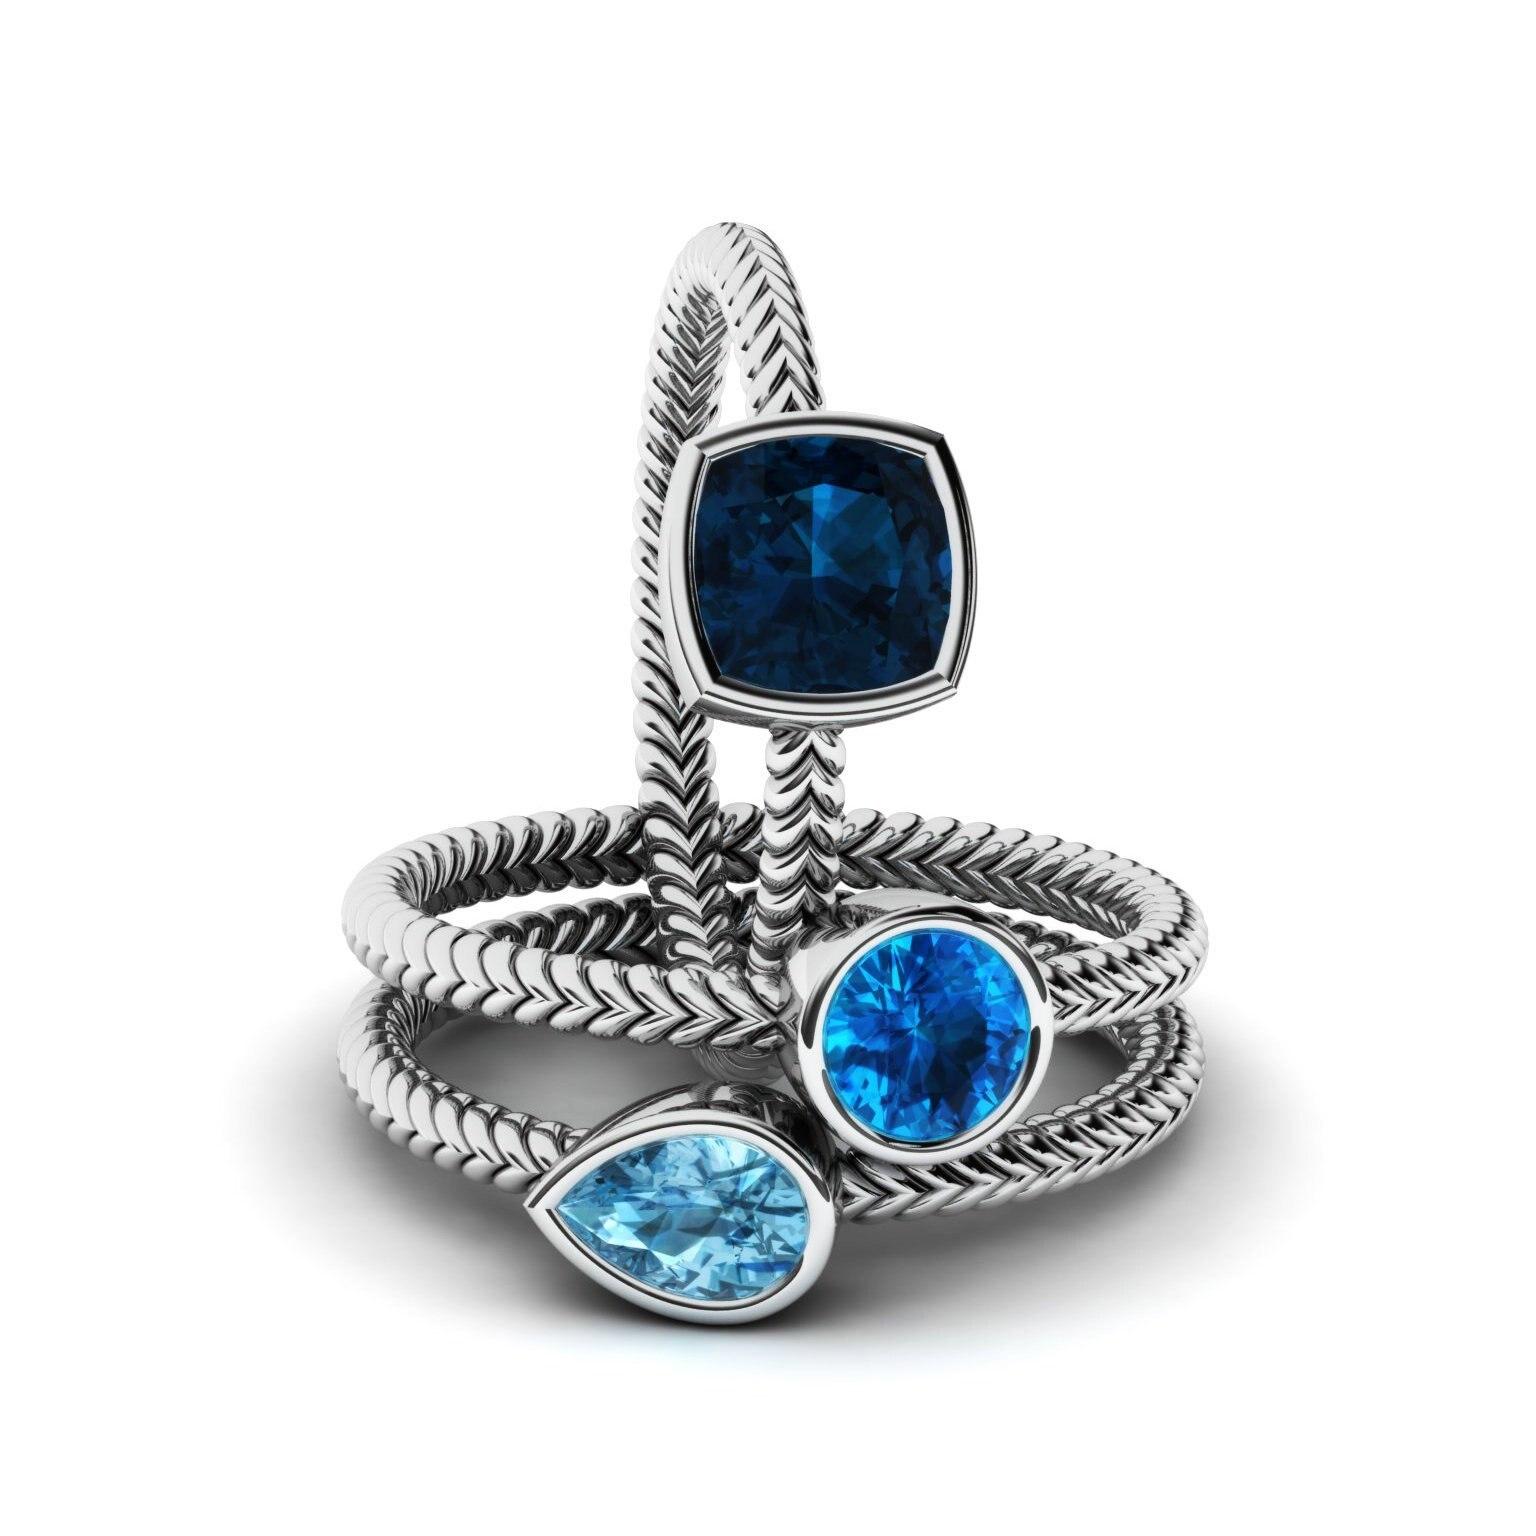 Купить женский набор обручальных колец серебряных с голубым цирконием